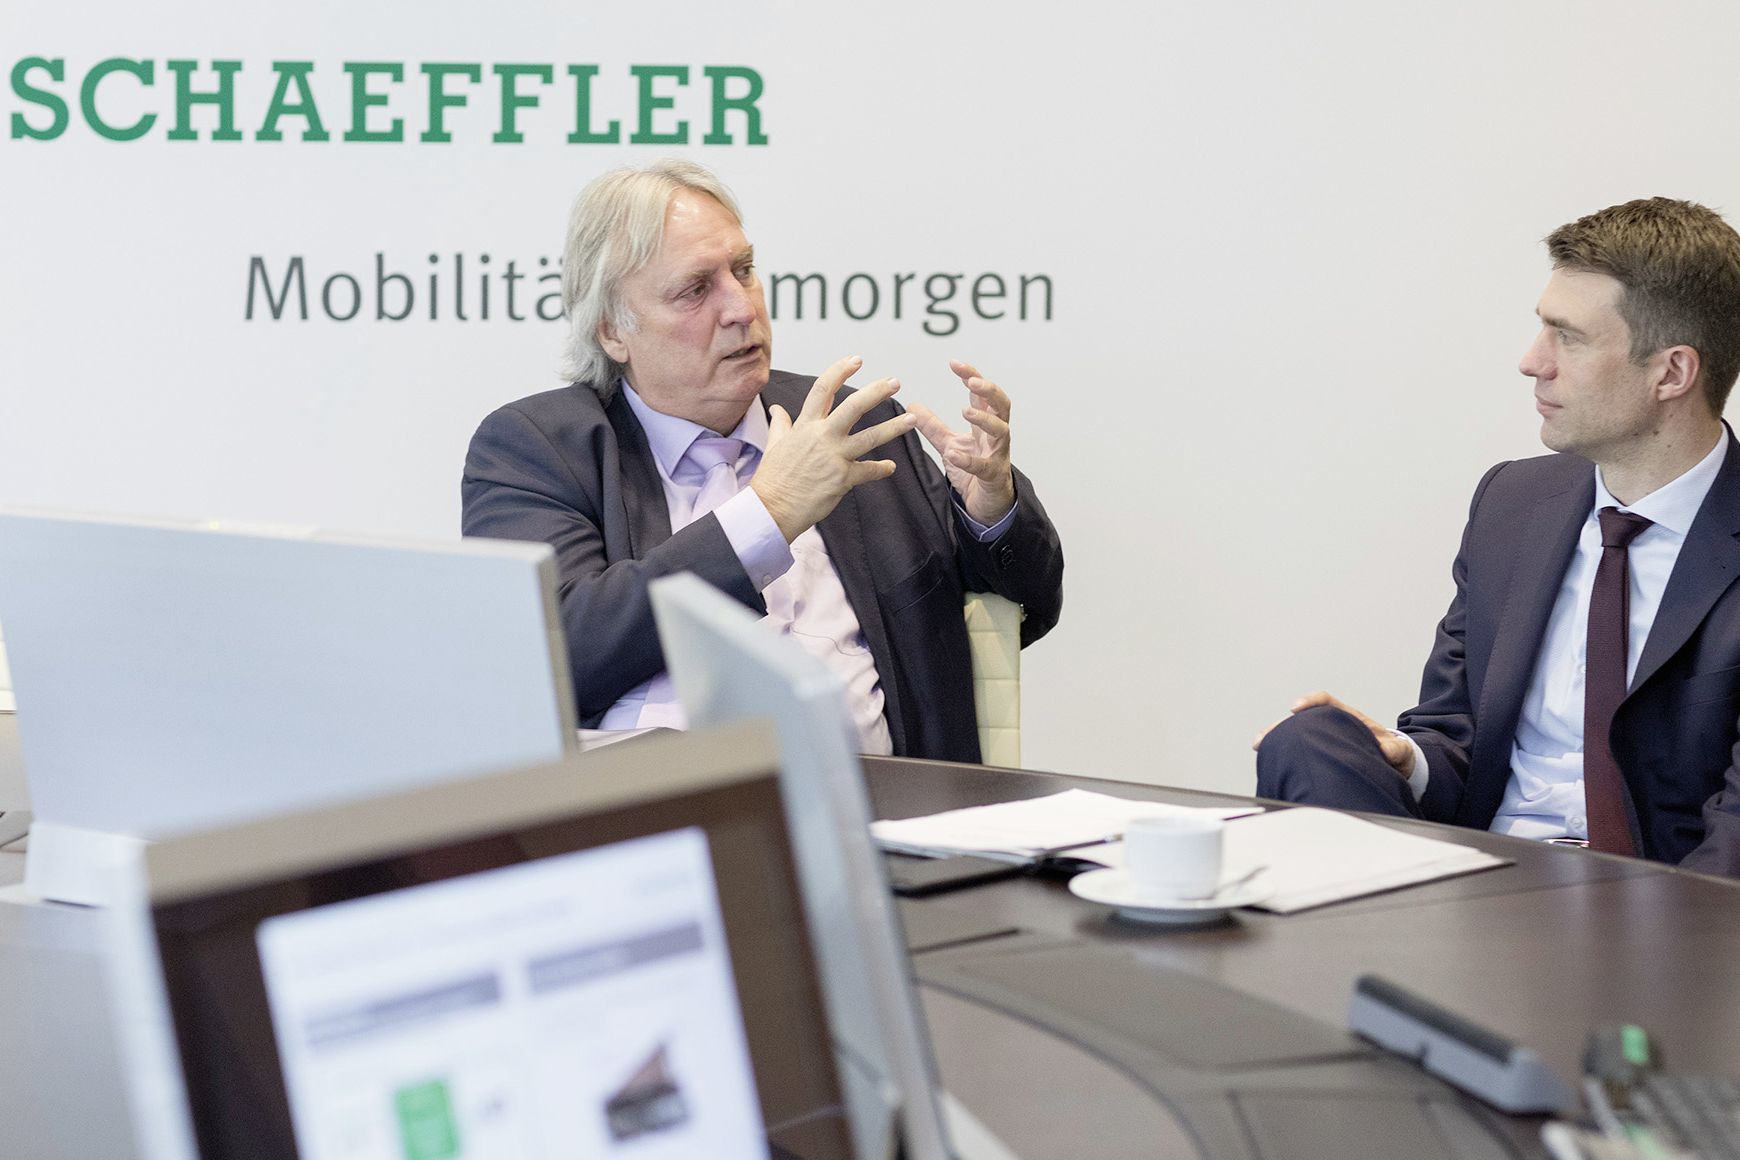 mid Groß-Gerau - Peter Gutzmer (links), Technologie-Vorstand der Schaeffler AG, diskutiert mit dem Parlamentarischen Staatssekretär Stefan Müller über die anstehenden Herausforderungen im Bereich von Digitalisierung und E-Mobilität.